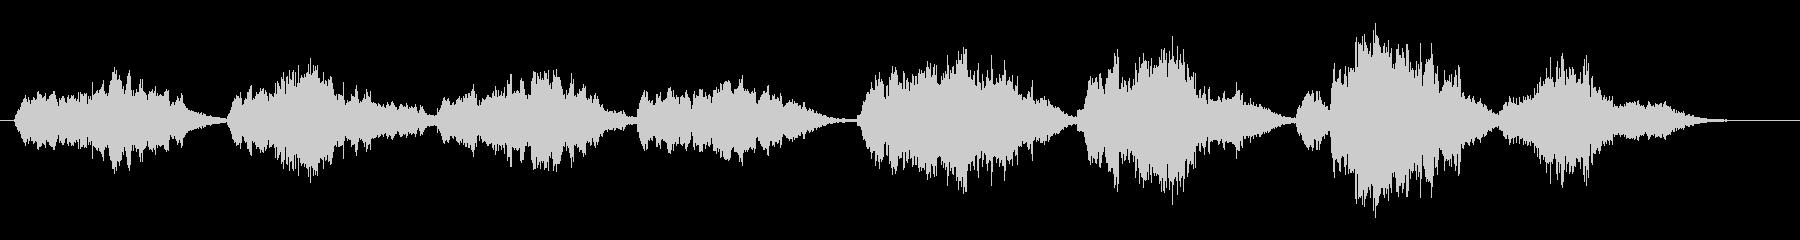 ダニーボーイ(ソプラノ・アカペラ)の未再生の波形